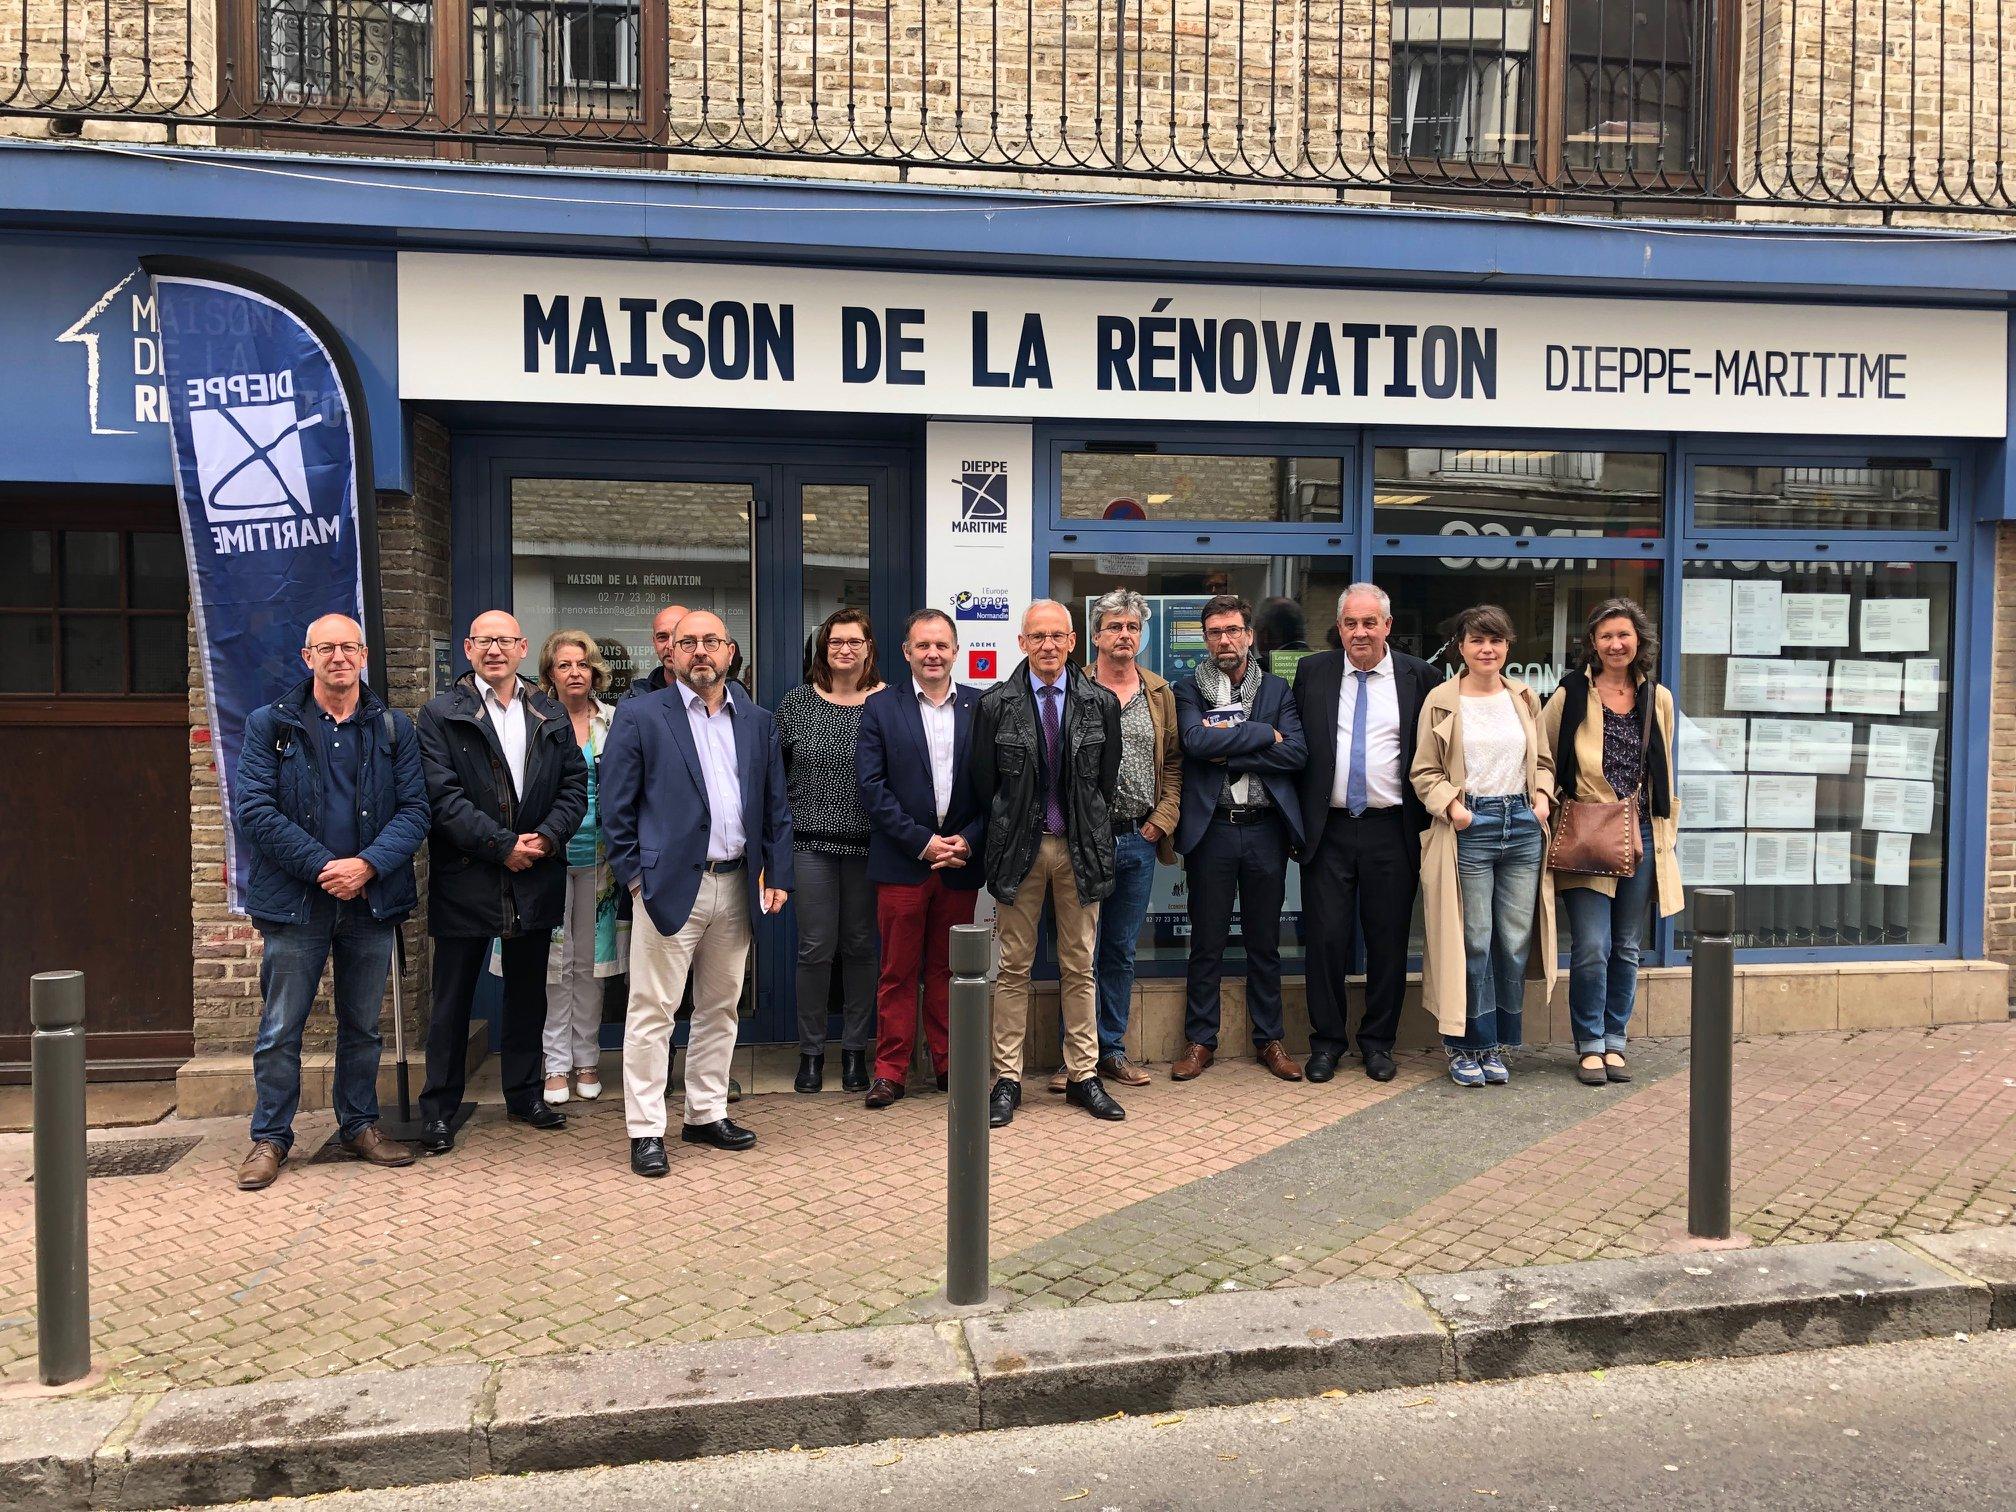 Signature de la Charte de partenariat de la Maison de la Rénovation de l'agglo Dieppe-Maritime